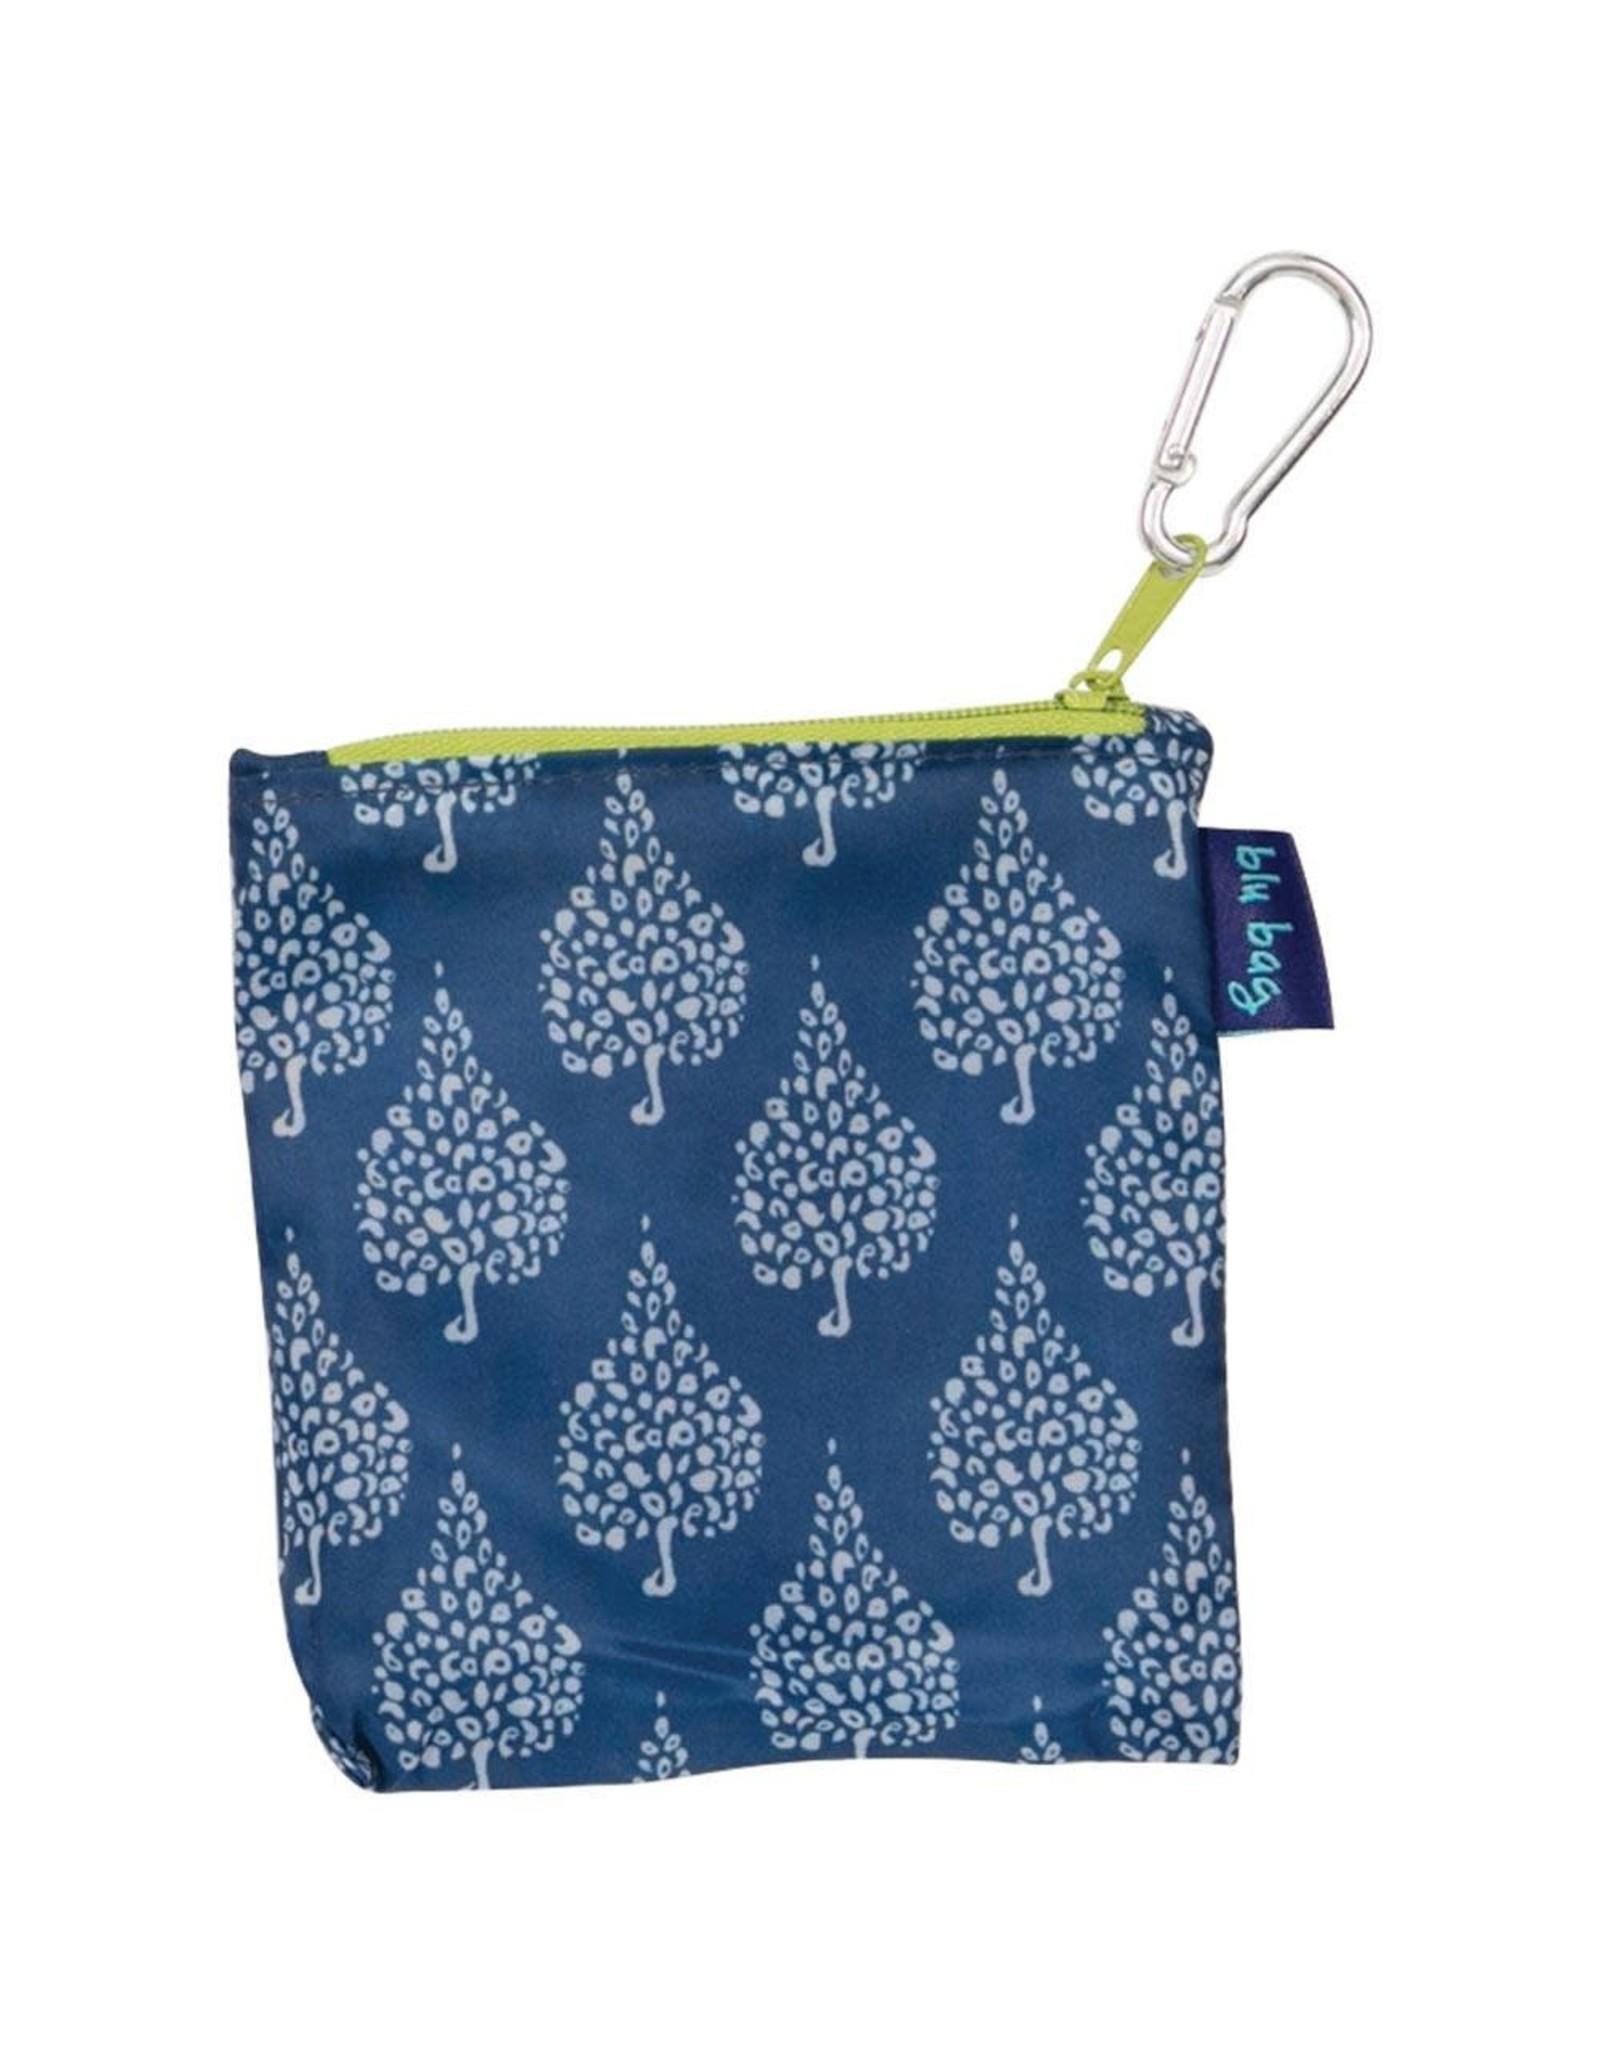 Rock Flower Paper 39-6301A Crete Navy Blu Bag